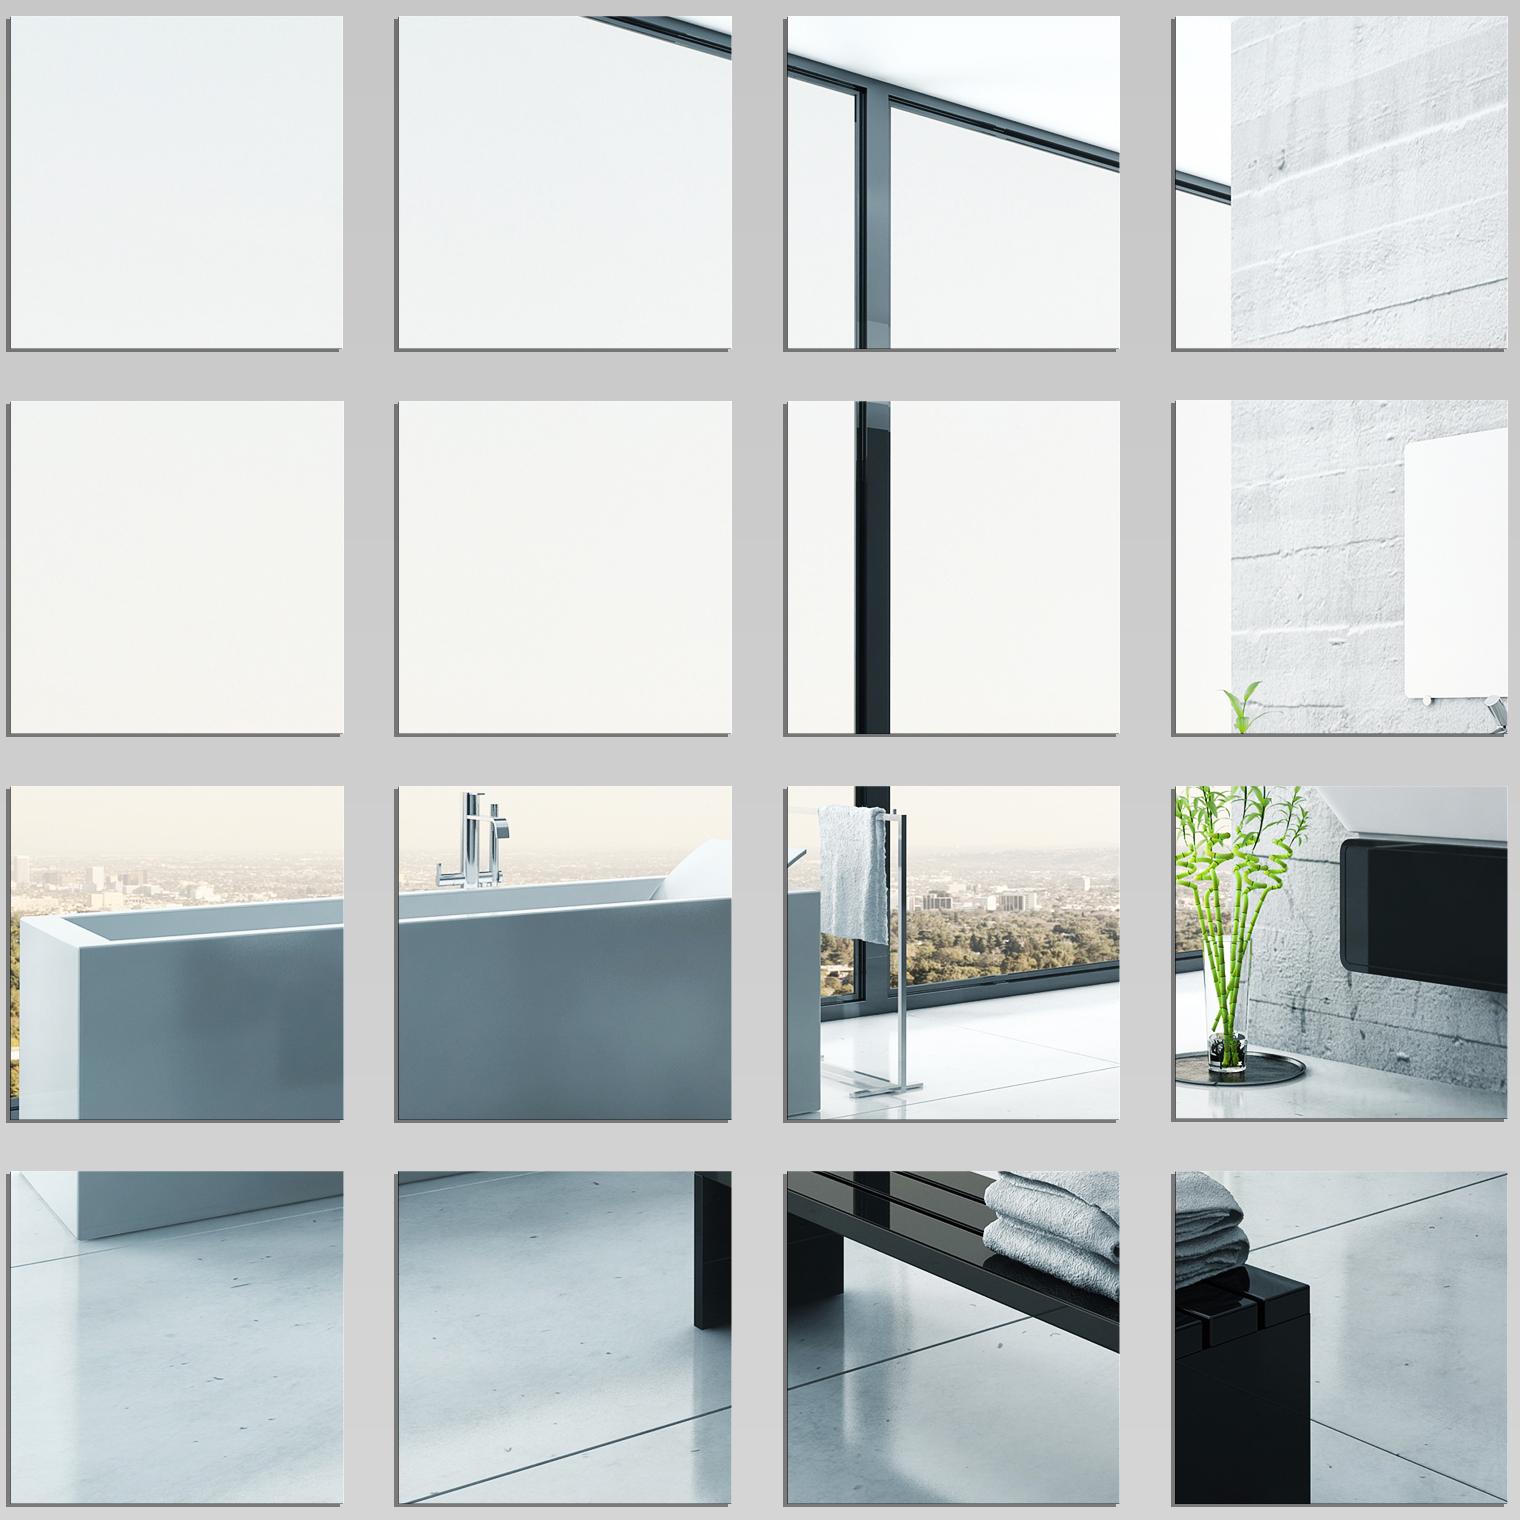 Kit miroir plexiglass acrylique carr s pas cher for Miroir carre pas cher